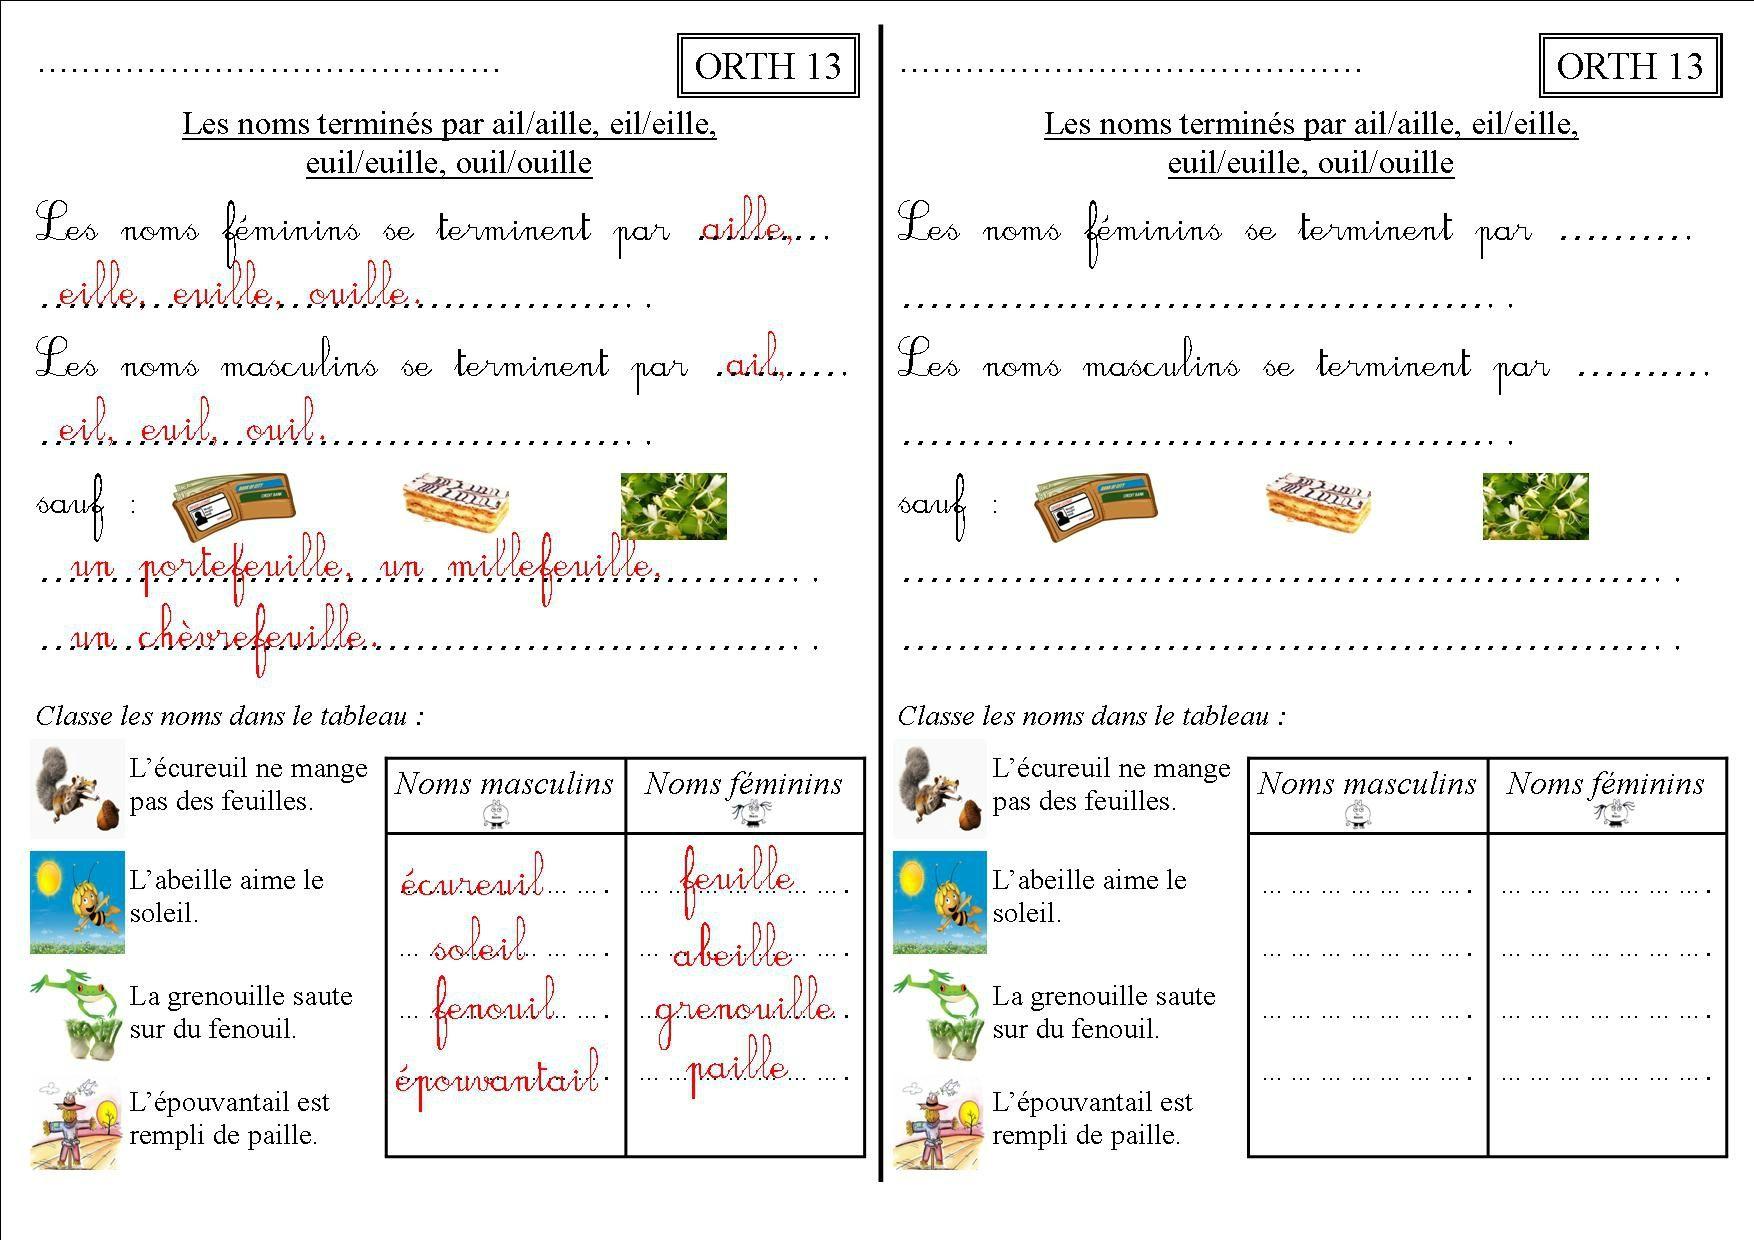 Orth 13 Ce2 : Les Noms Terminés Par Ail/aille, Eil/eille tout Cours Ce2 A Imprimer